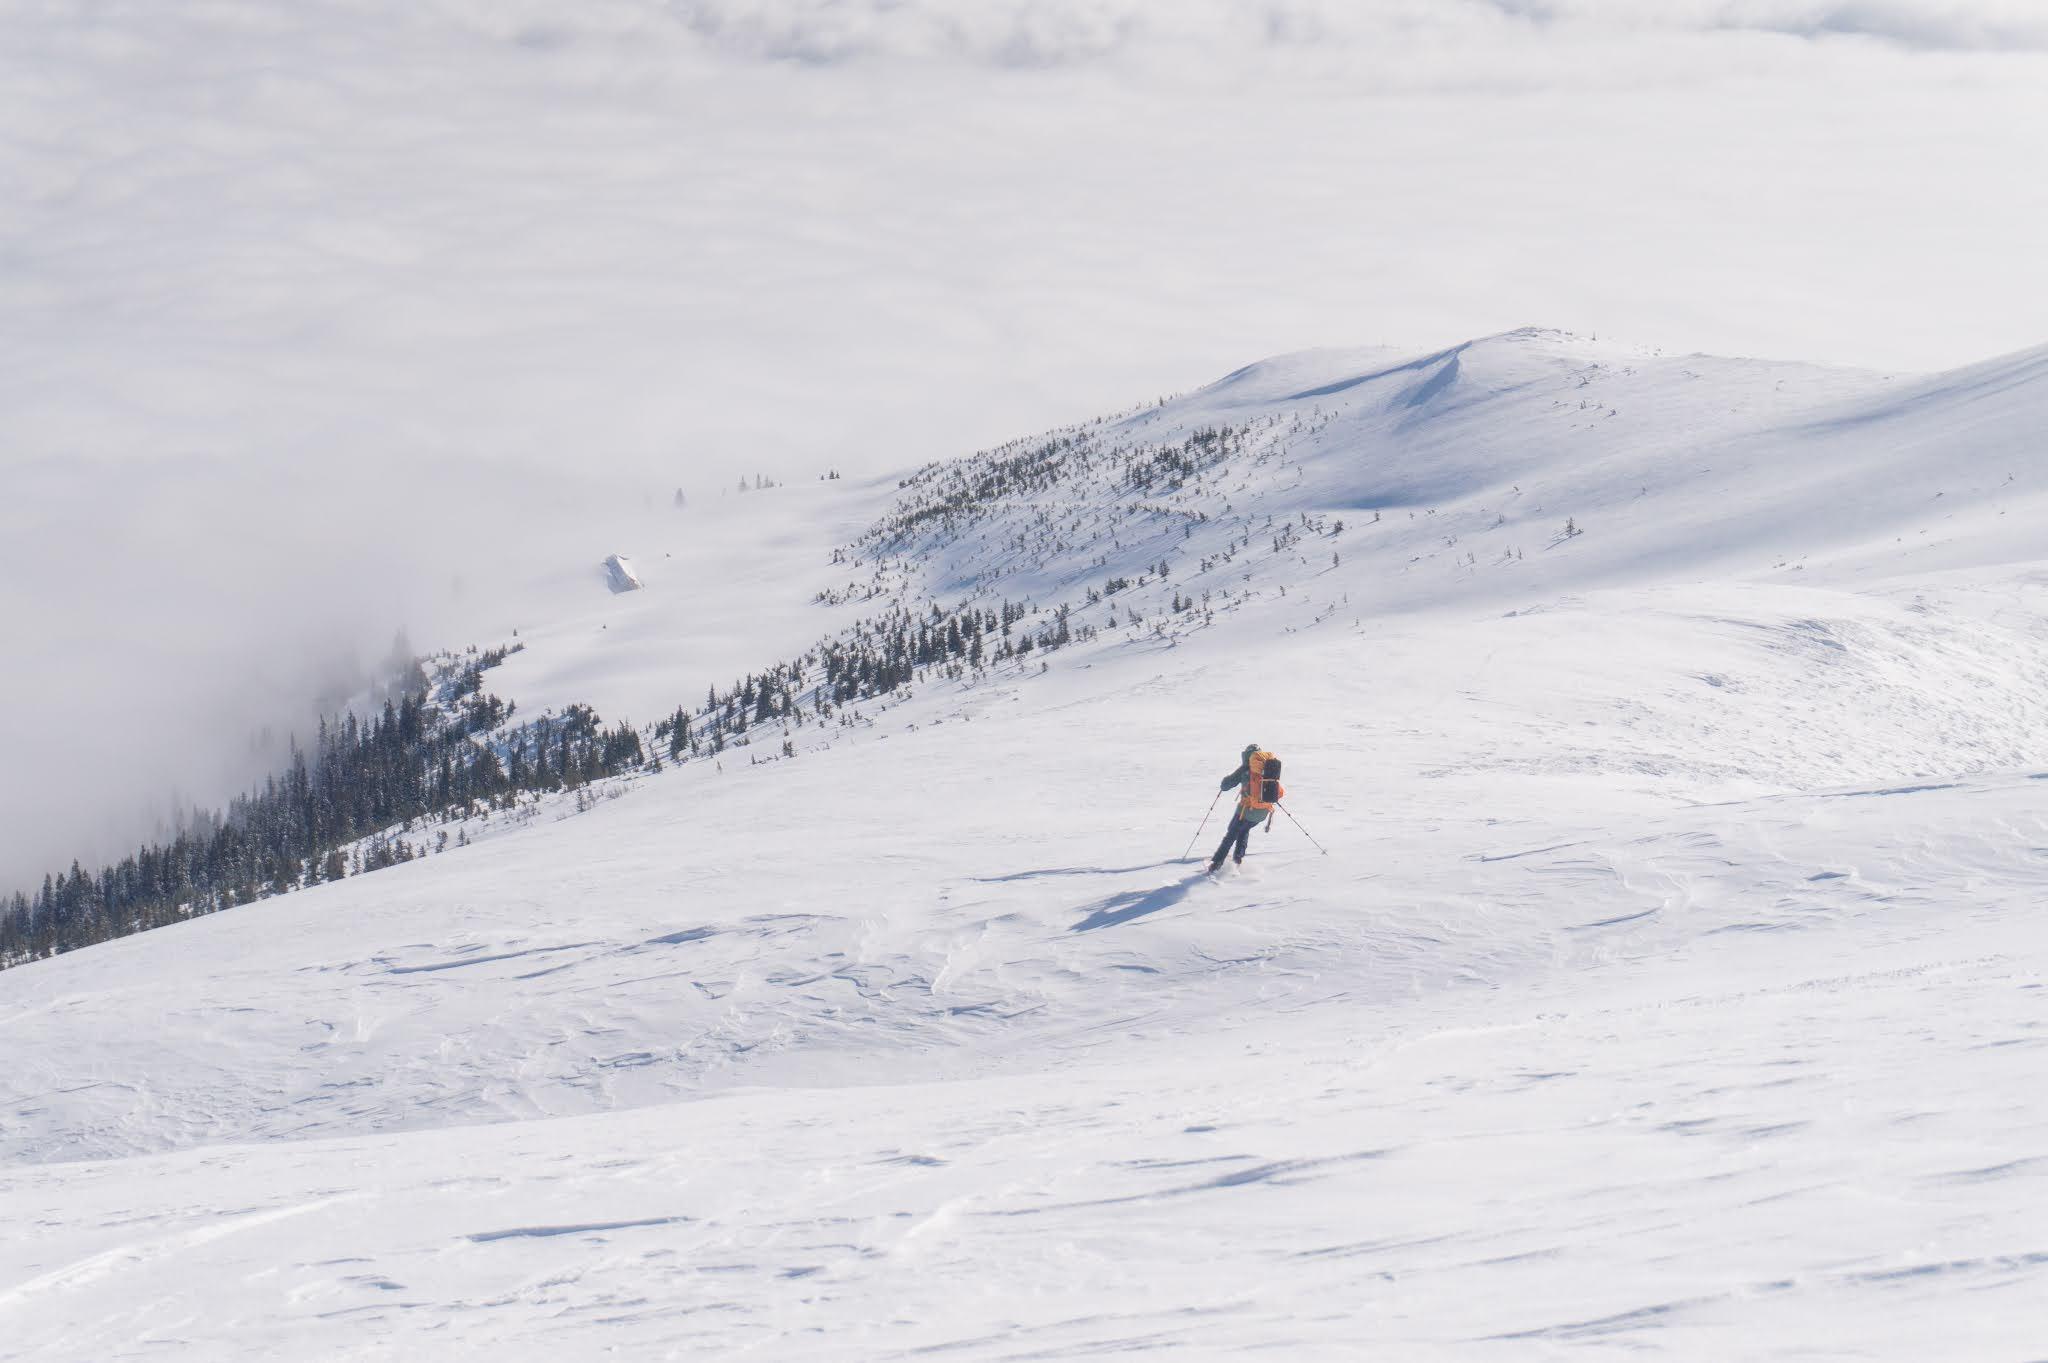 De pe vârful Roșu spre Alpina Blazna - Alina Cîrja